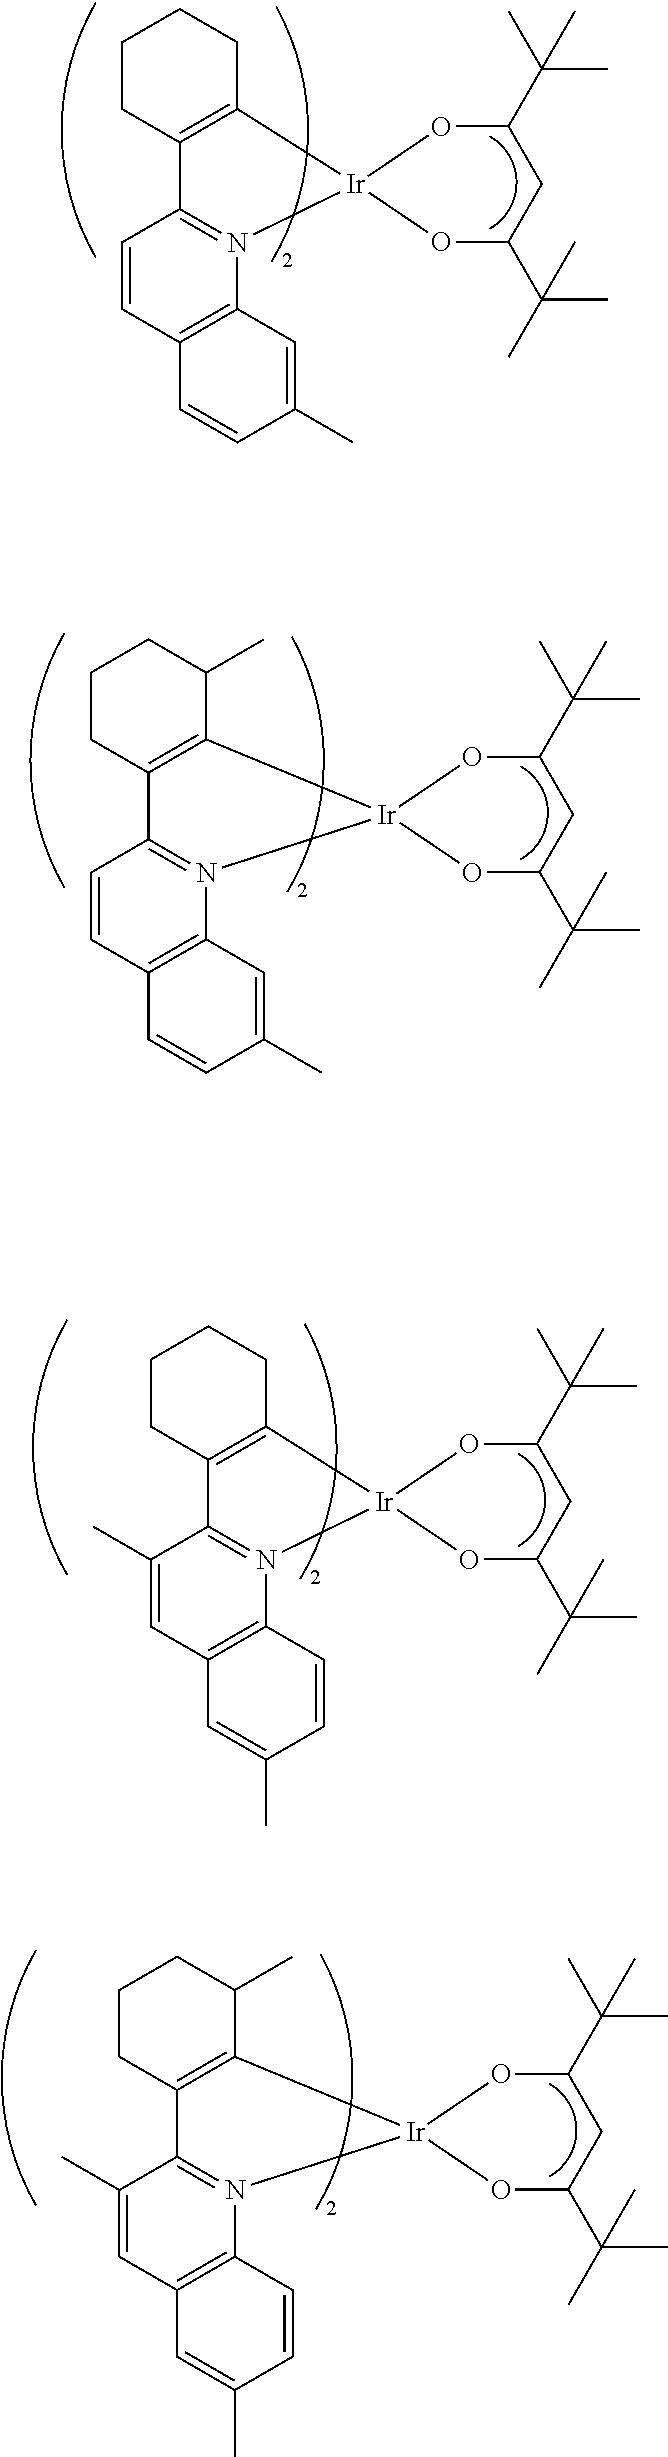 Figure US09324958-20160426-C00068